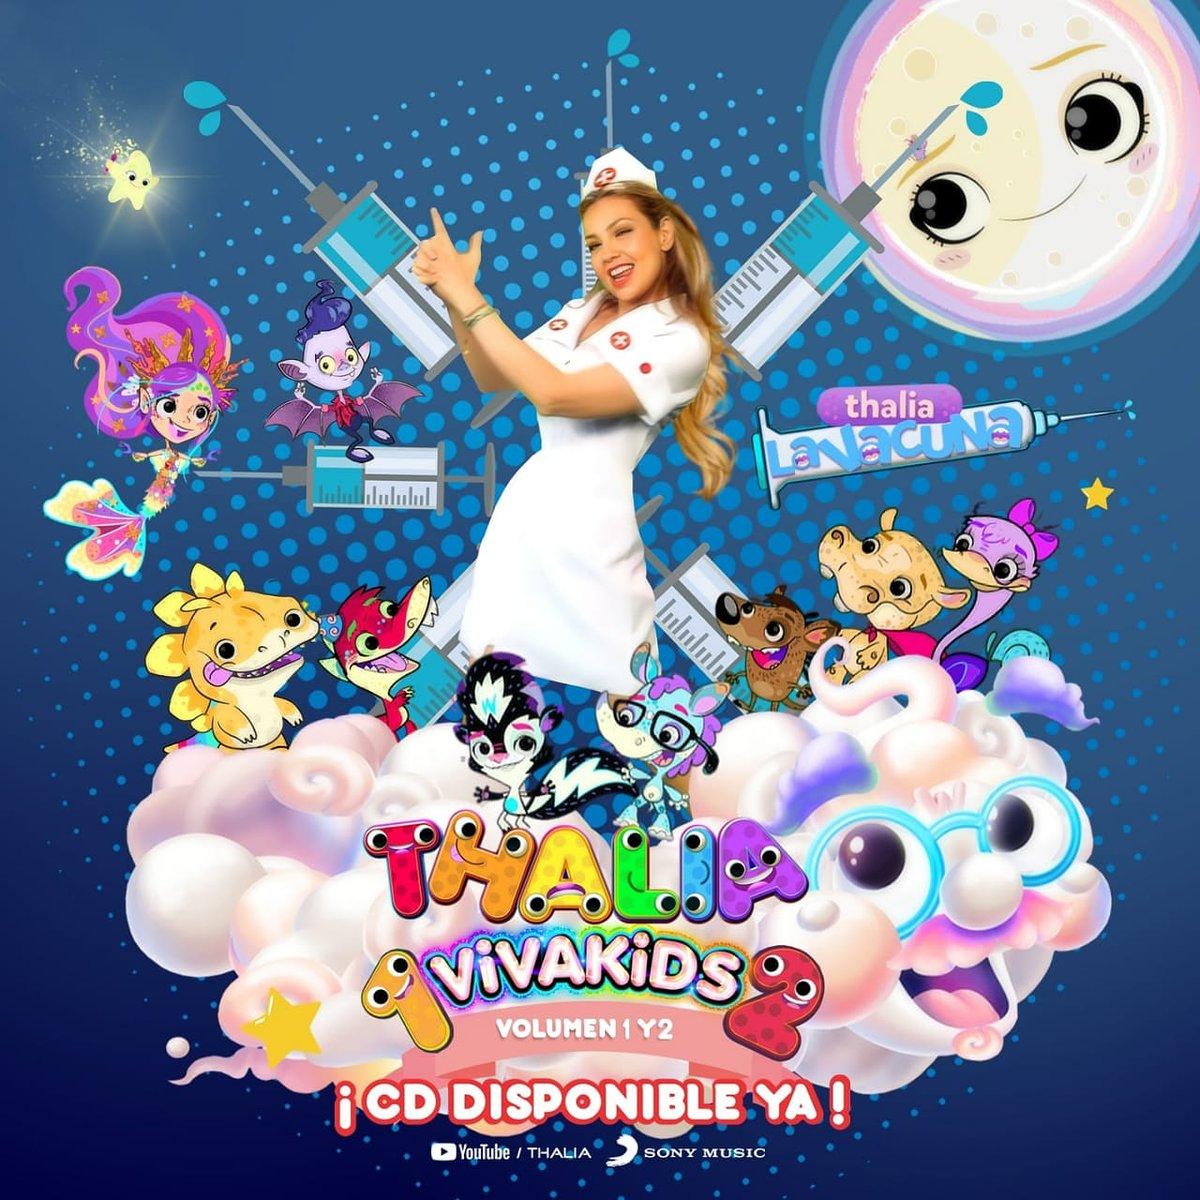 🎅 ¡ No te pierdas los mejores videos del más reciente disco a la venta de @thalia #VivaKids en su edición especial #VivaKids1y2 💋🤍🌡🚑 y disfruta #LaVacuna y muchos éxitos más especialmente para chicos y grandes ! 🤍❤🧡💛💚💙💜 ¡ El mejor regalo para esta navidad ya disponibl